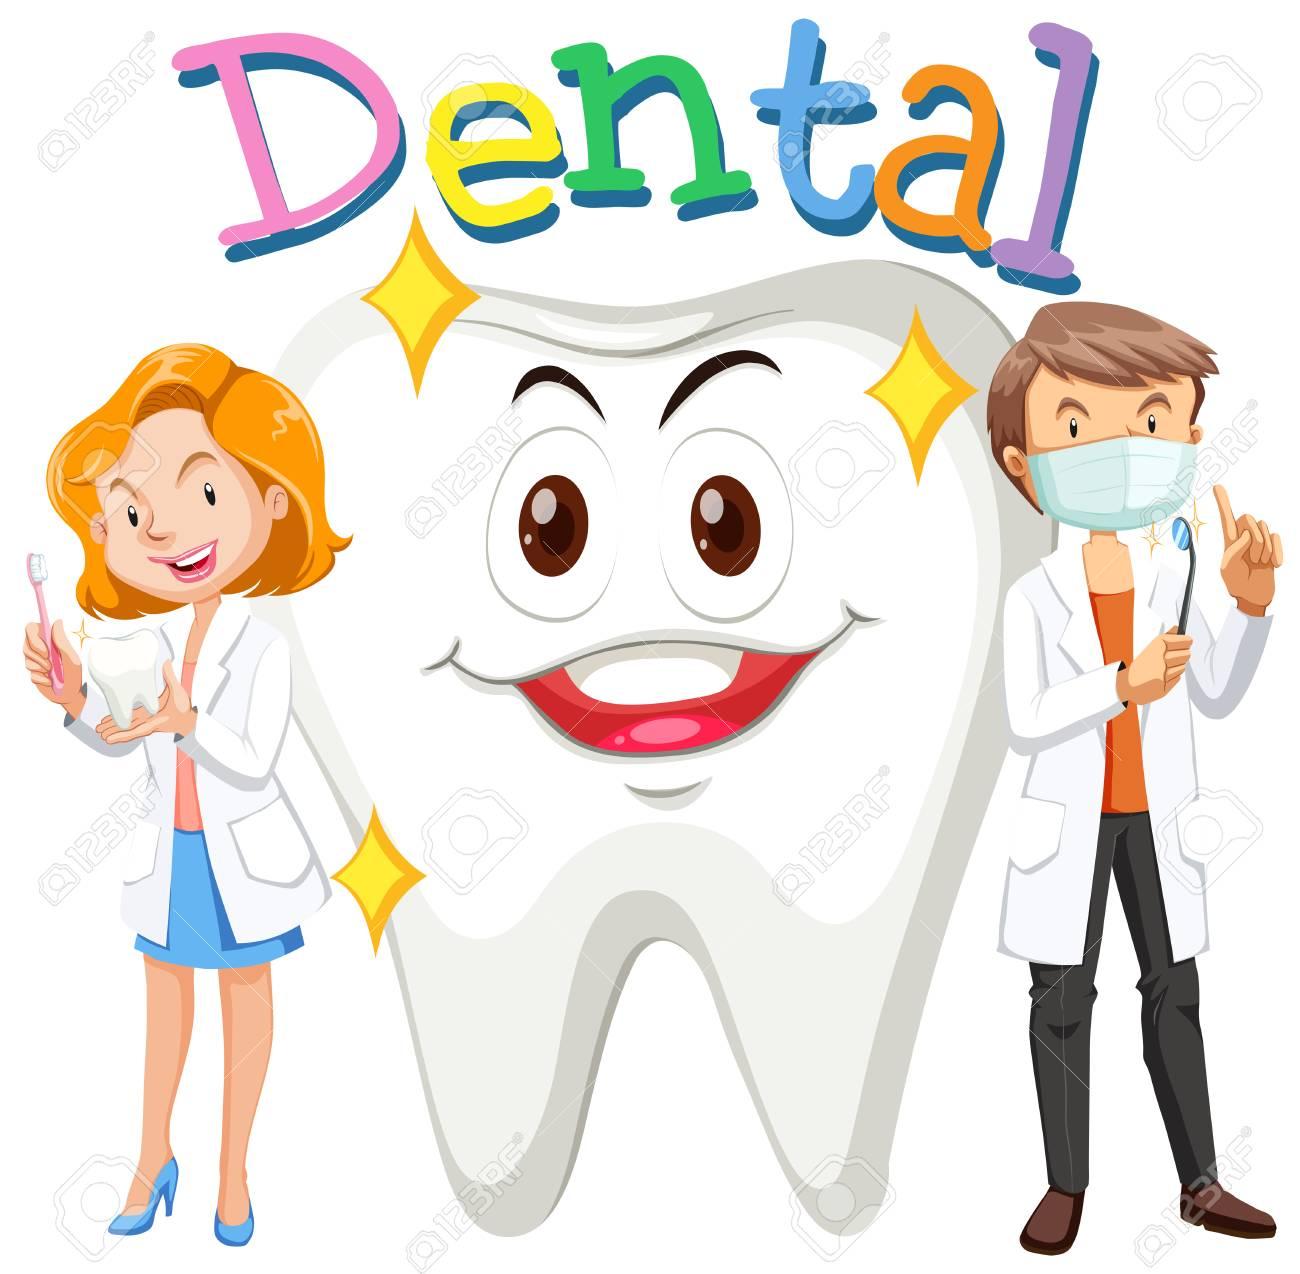 歯科医ときれいな歯イラストのイラスト素材ベクタ Image 55999291